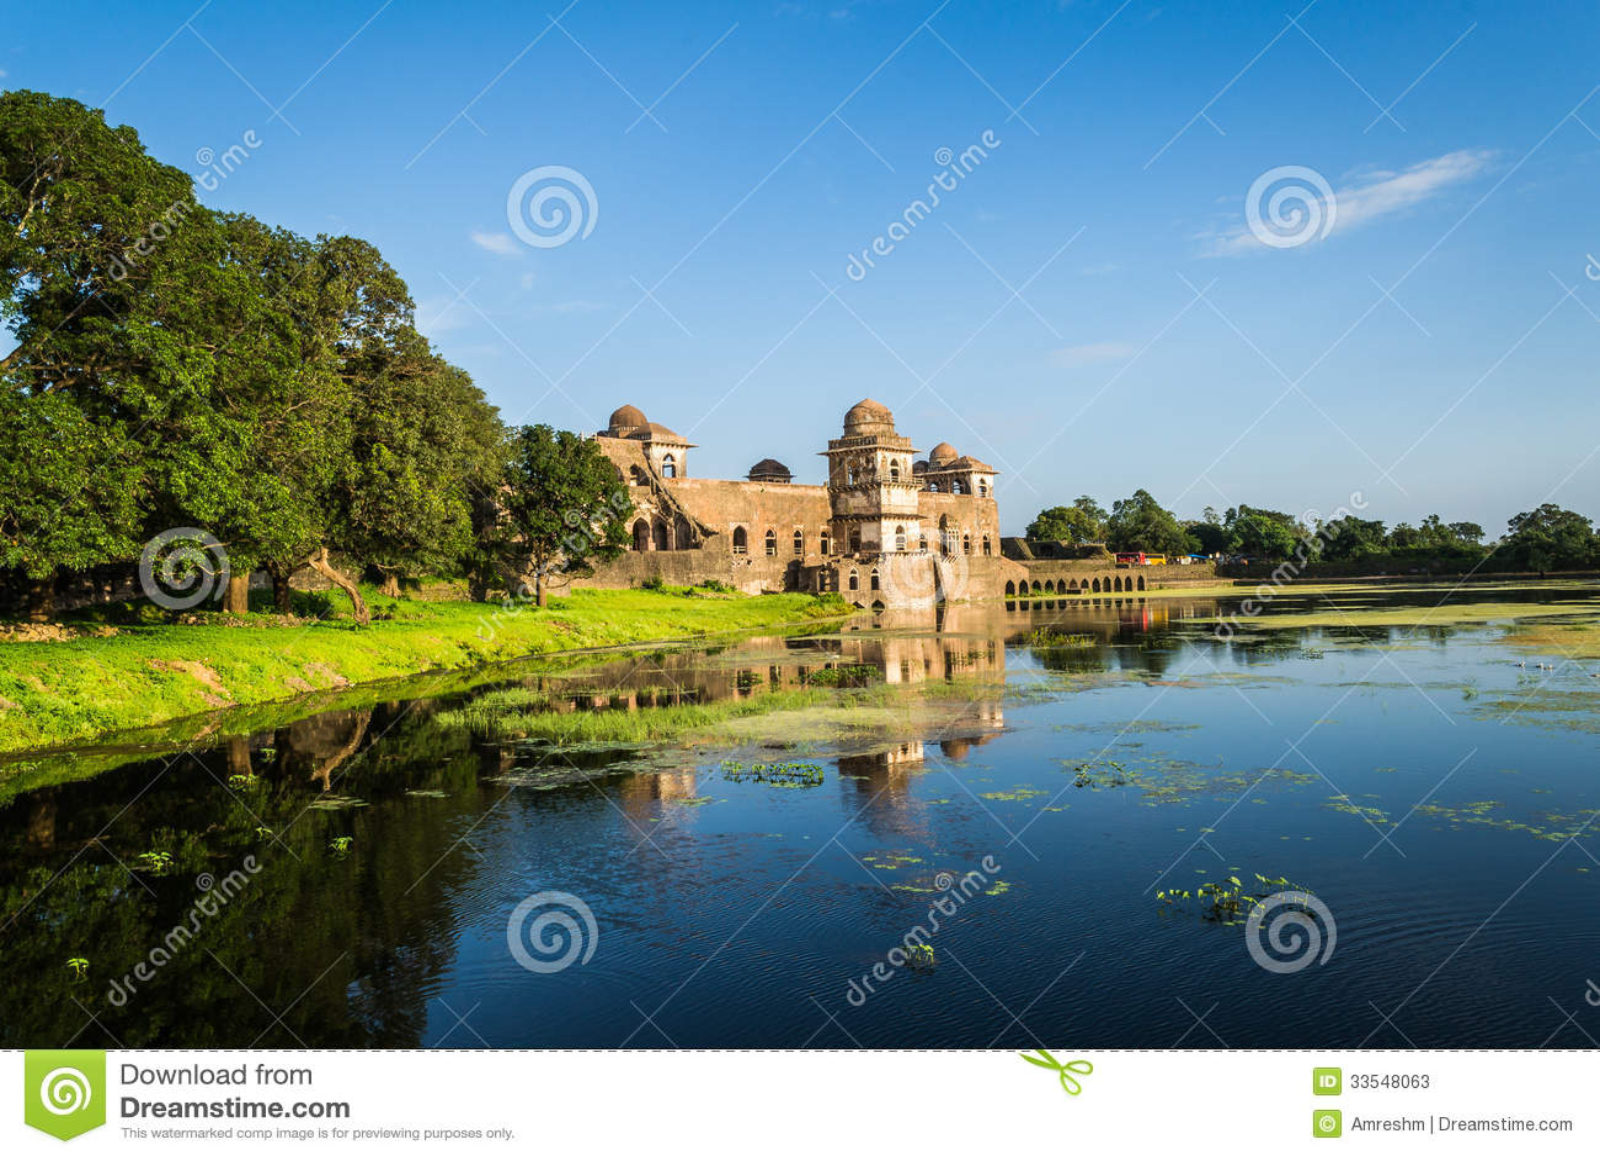 Ship Palace (Jal Mahal) At Mandu India